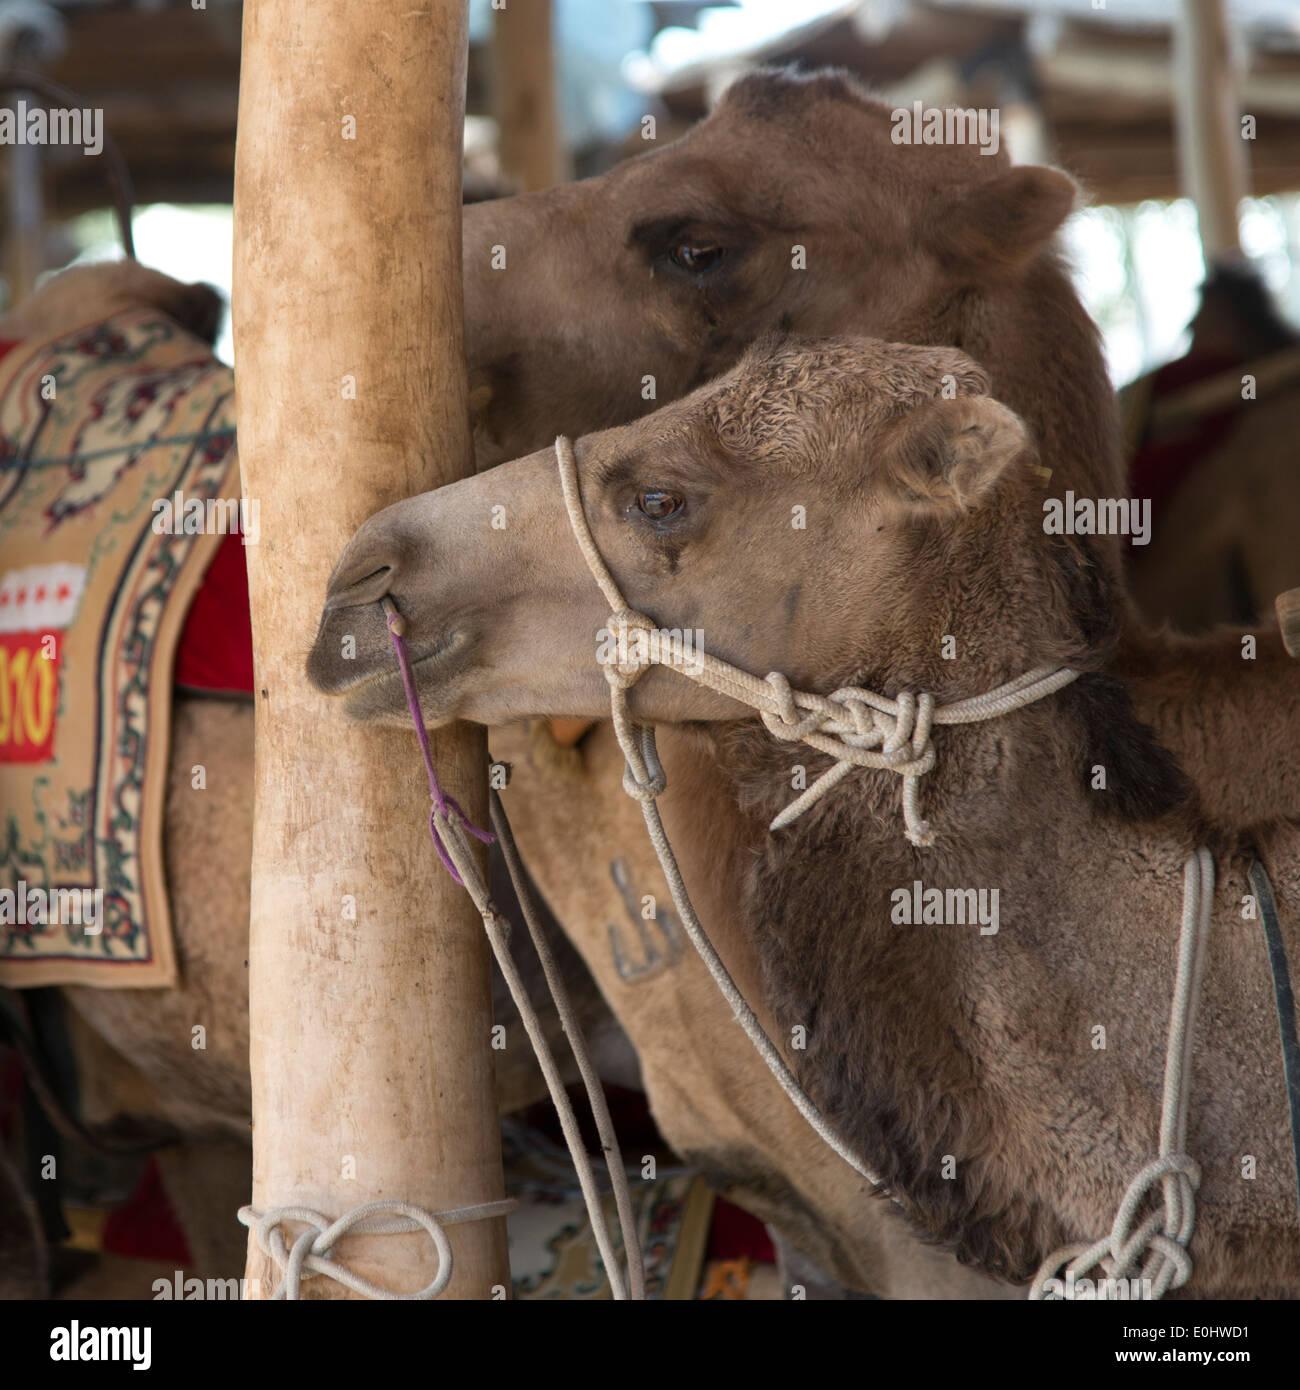 Close-up of camels, Dunhuang, Jiuquan, Gansu Province, China - Stock Image